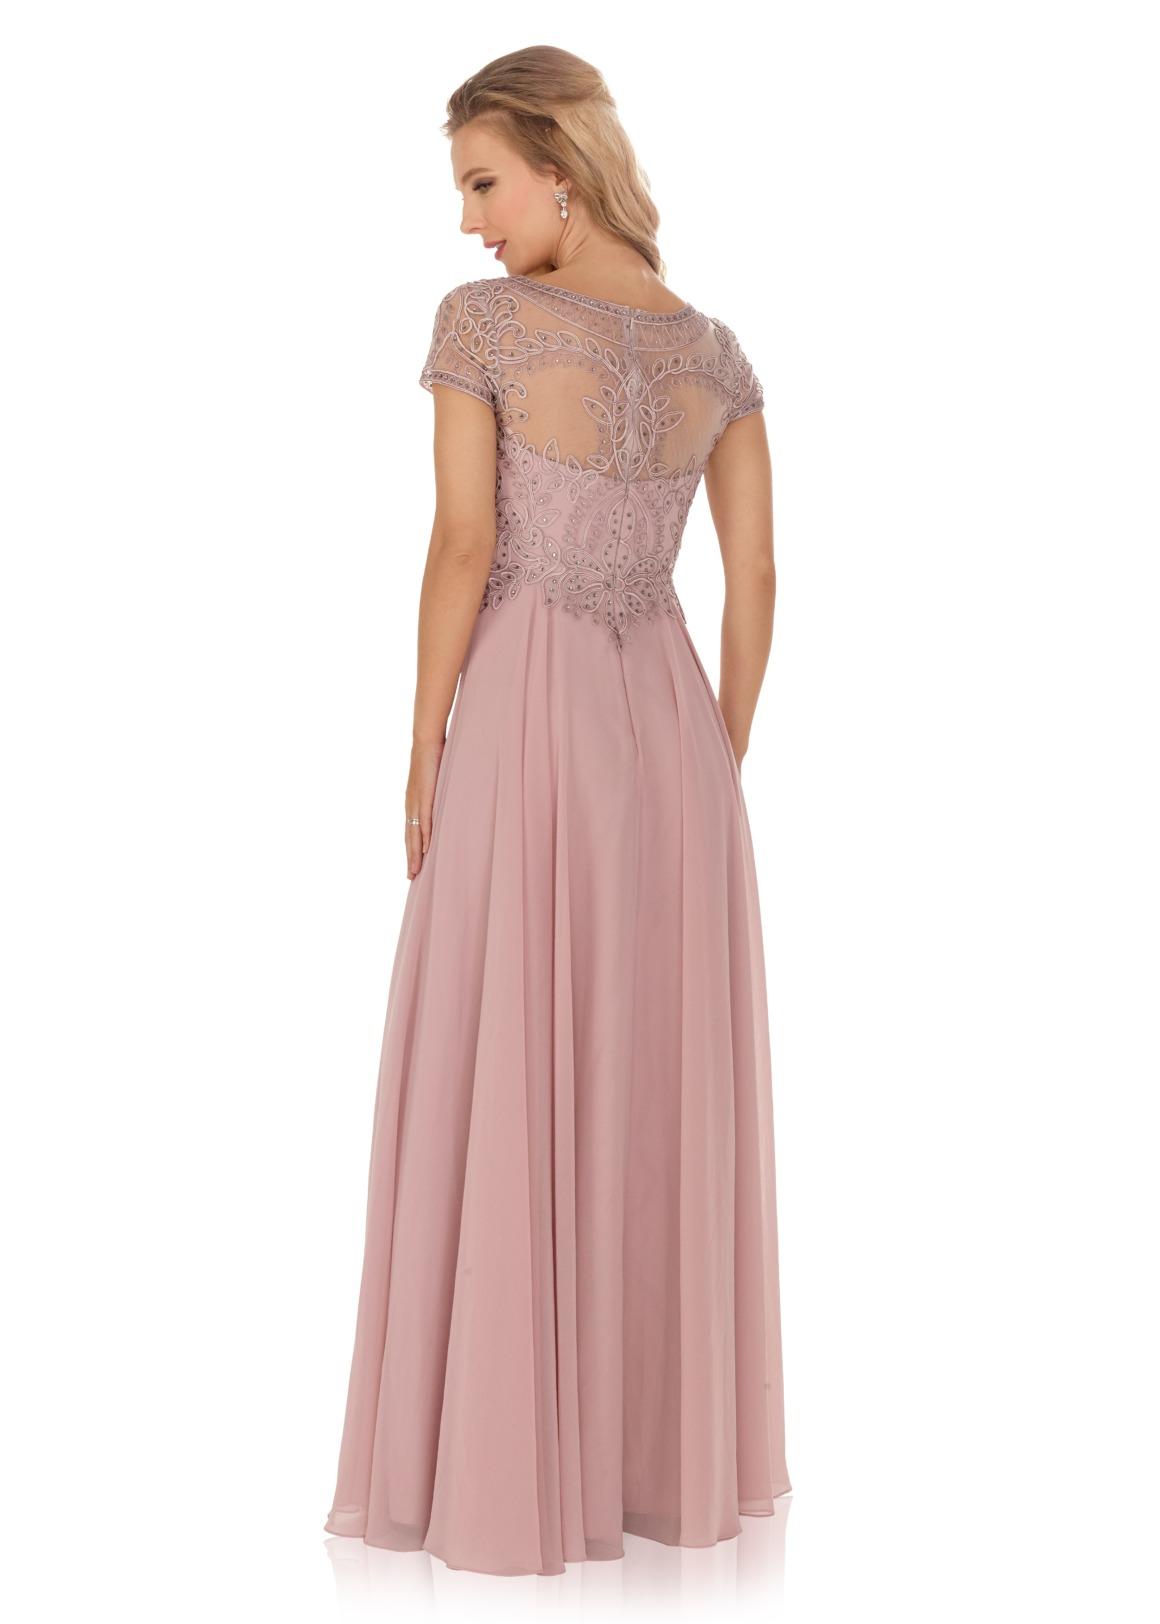 Schützenfest Königinnenkleid Hofdamen Hofstaat Kleid mauve elegant glitzer mit Ärmeln Chiffon Rock transparent Rücken